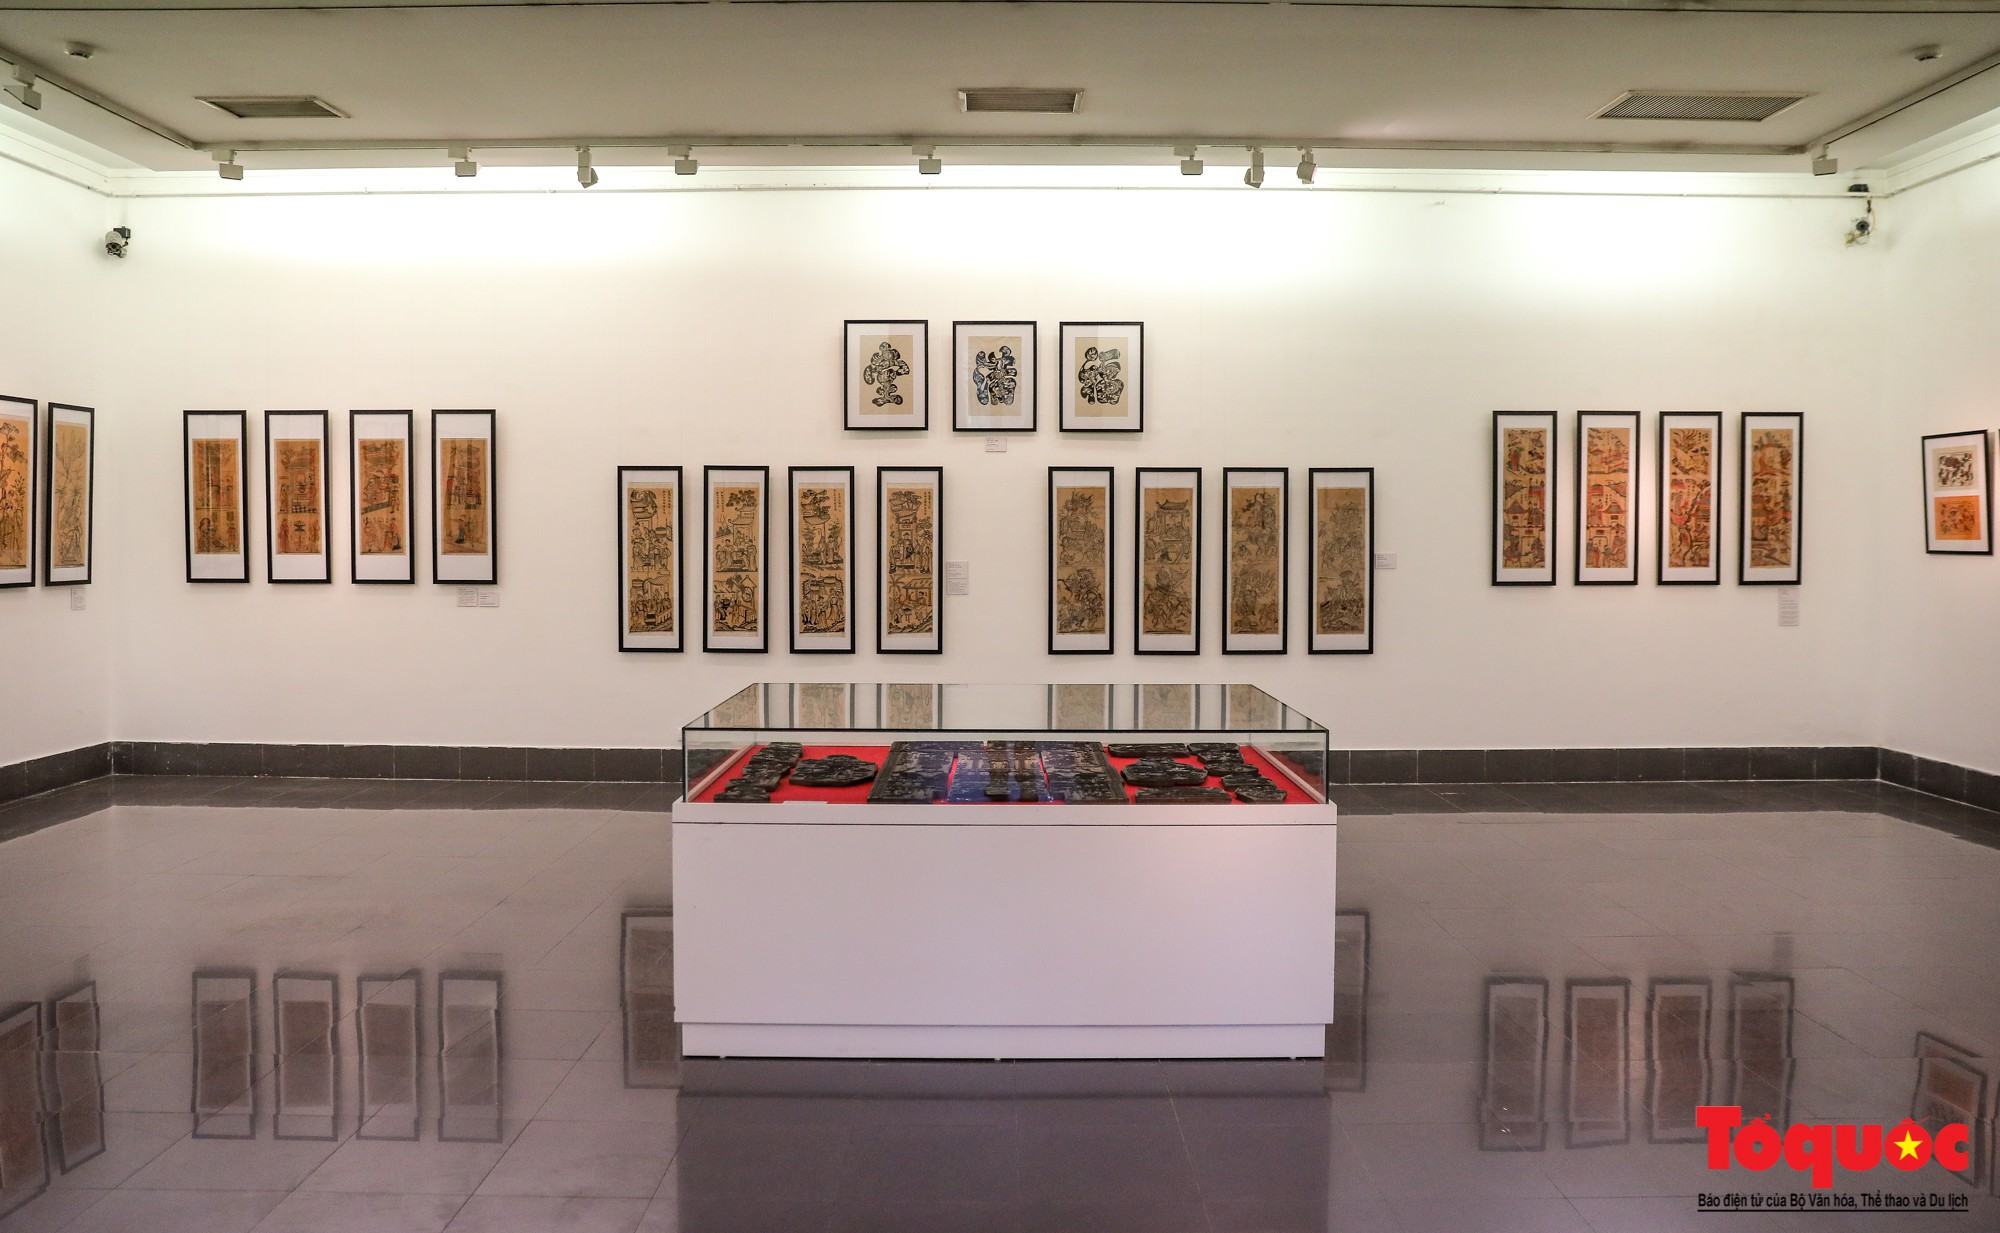 """Khai mạc triển lãm """"Tranh dân gian Đông hồ xưa và nay"""": Trưng bày hơn 100 hiện vật của tranh dân gian Đông Hồ - Ảnh 4."""